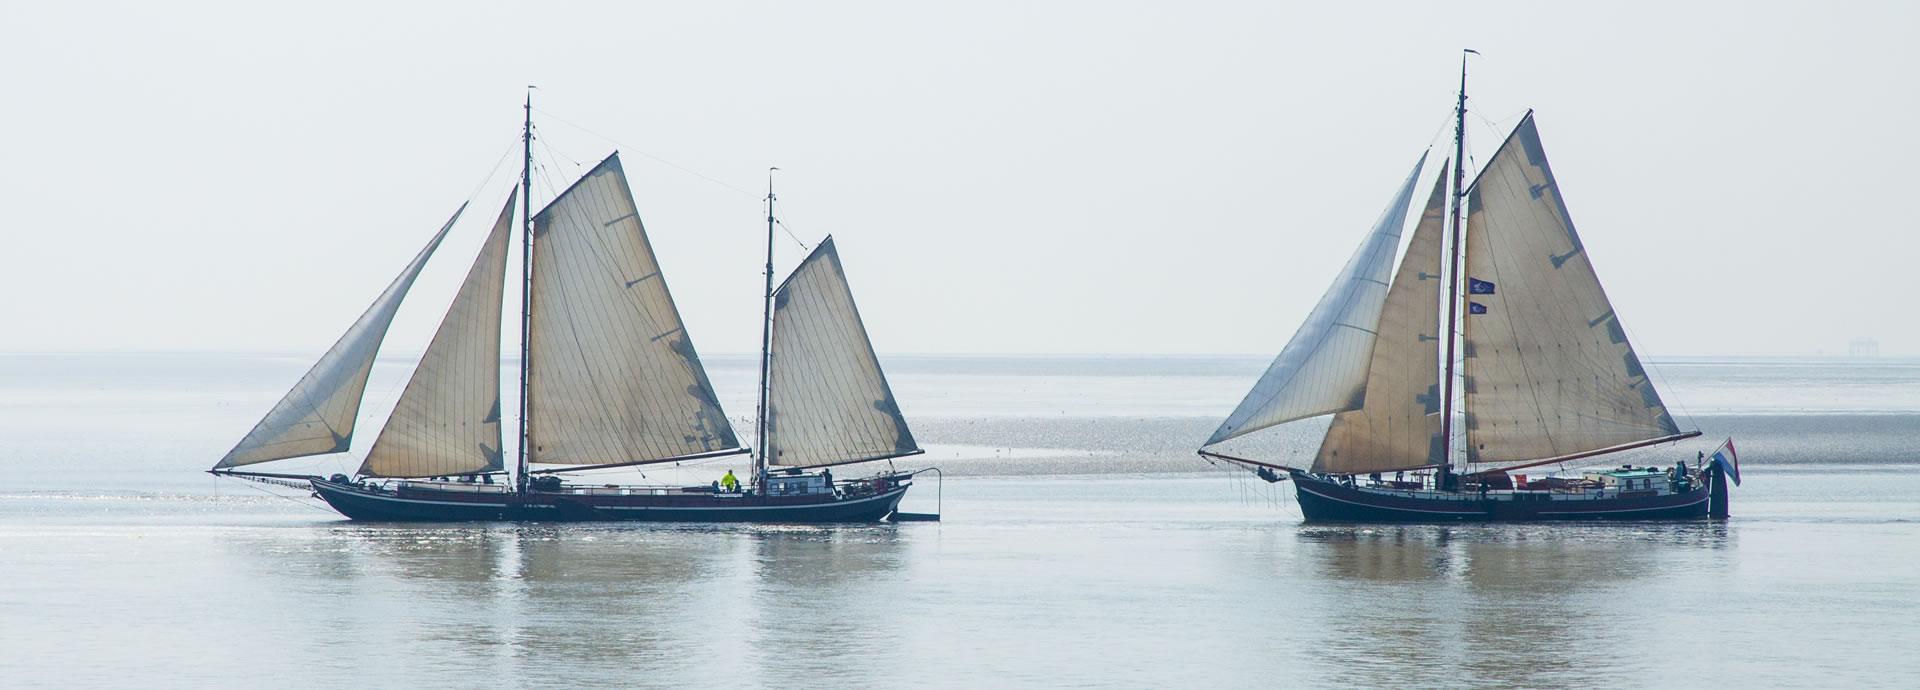 schepen-op-t-wad